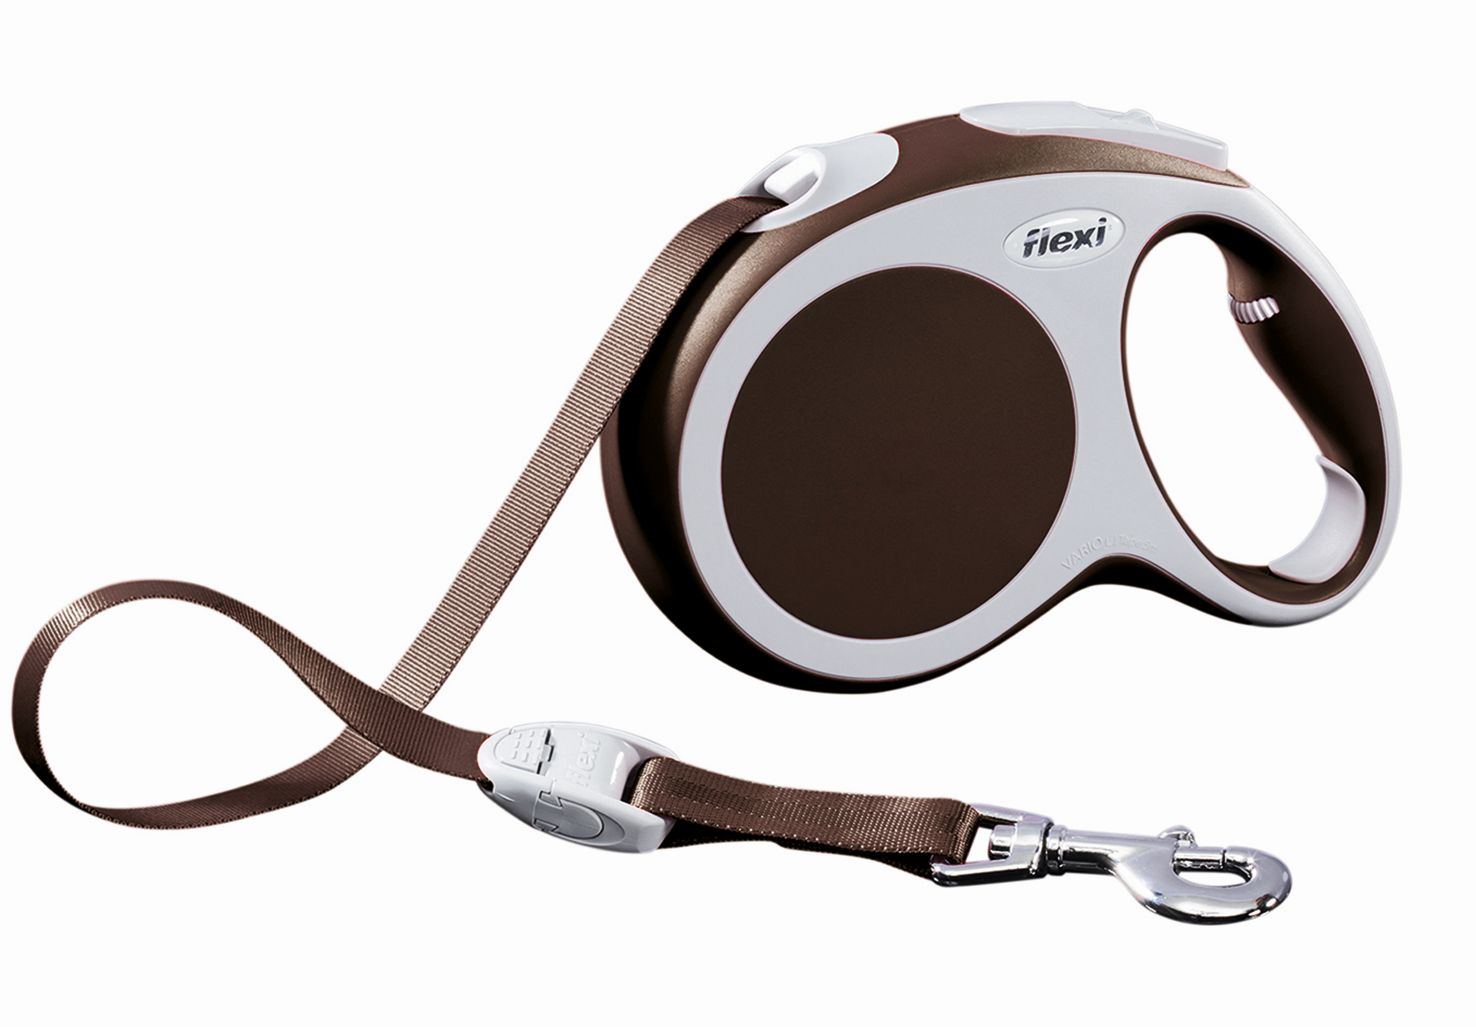 Поводок-рулетка Flexi Vario Compact L для собак до 60 кг, цвет: коричневый, 5 м поводок рулетка freego гепард для собак до 12 кг размер s цвет бежевый коричневый 3 м